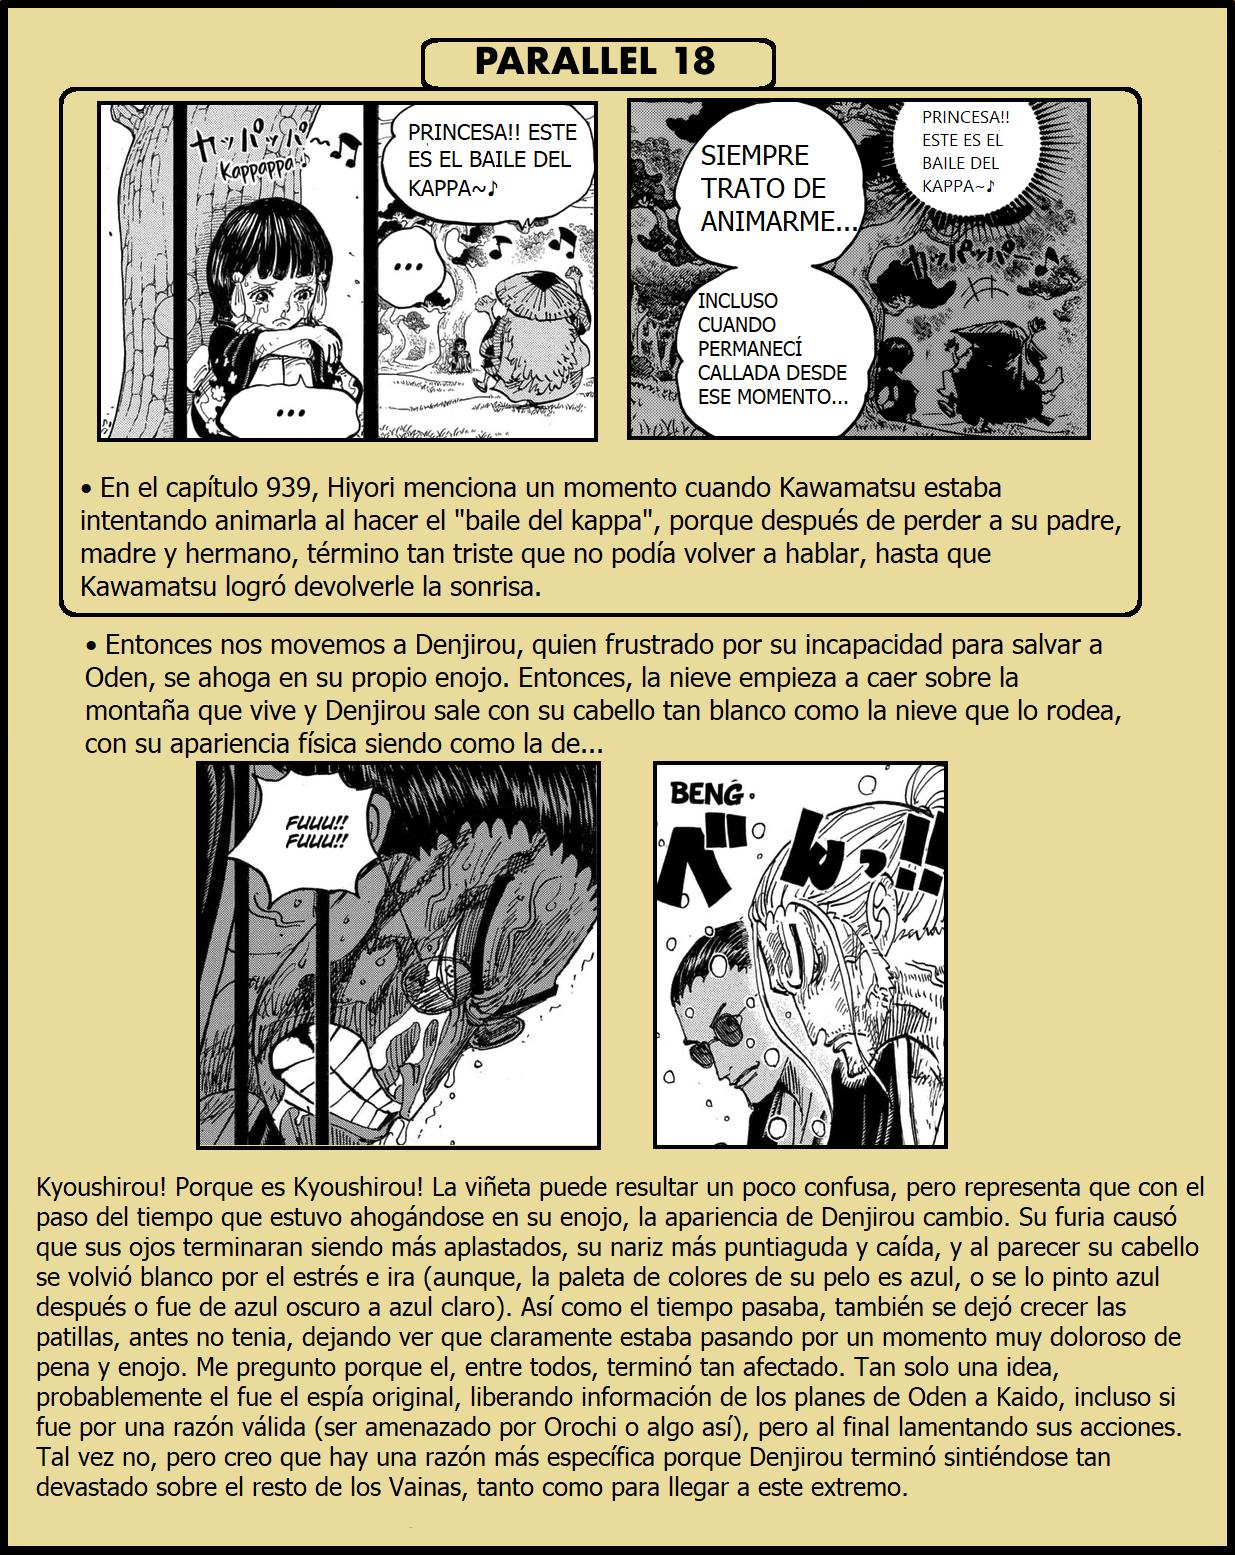 Secretos & Curiosidades - One Piece Manga 973 16